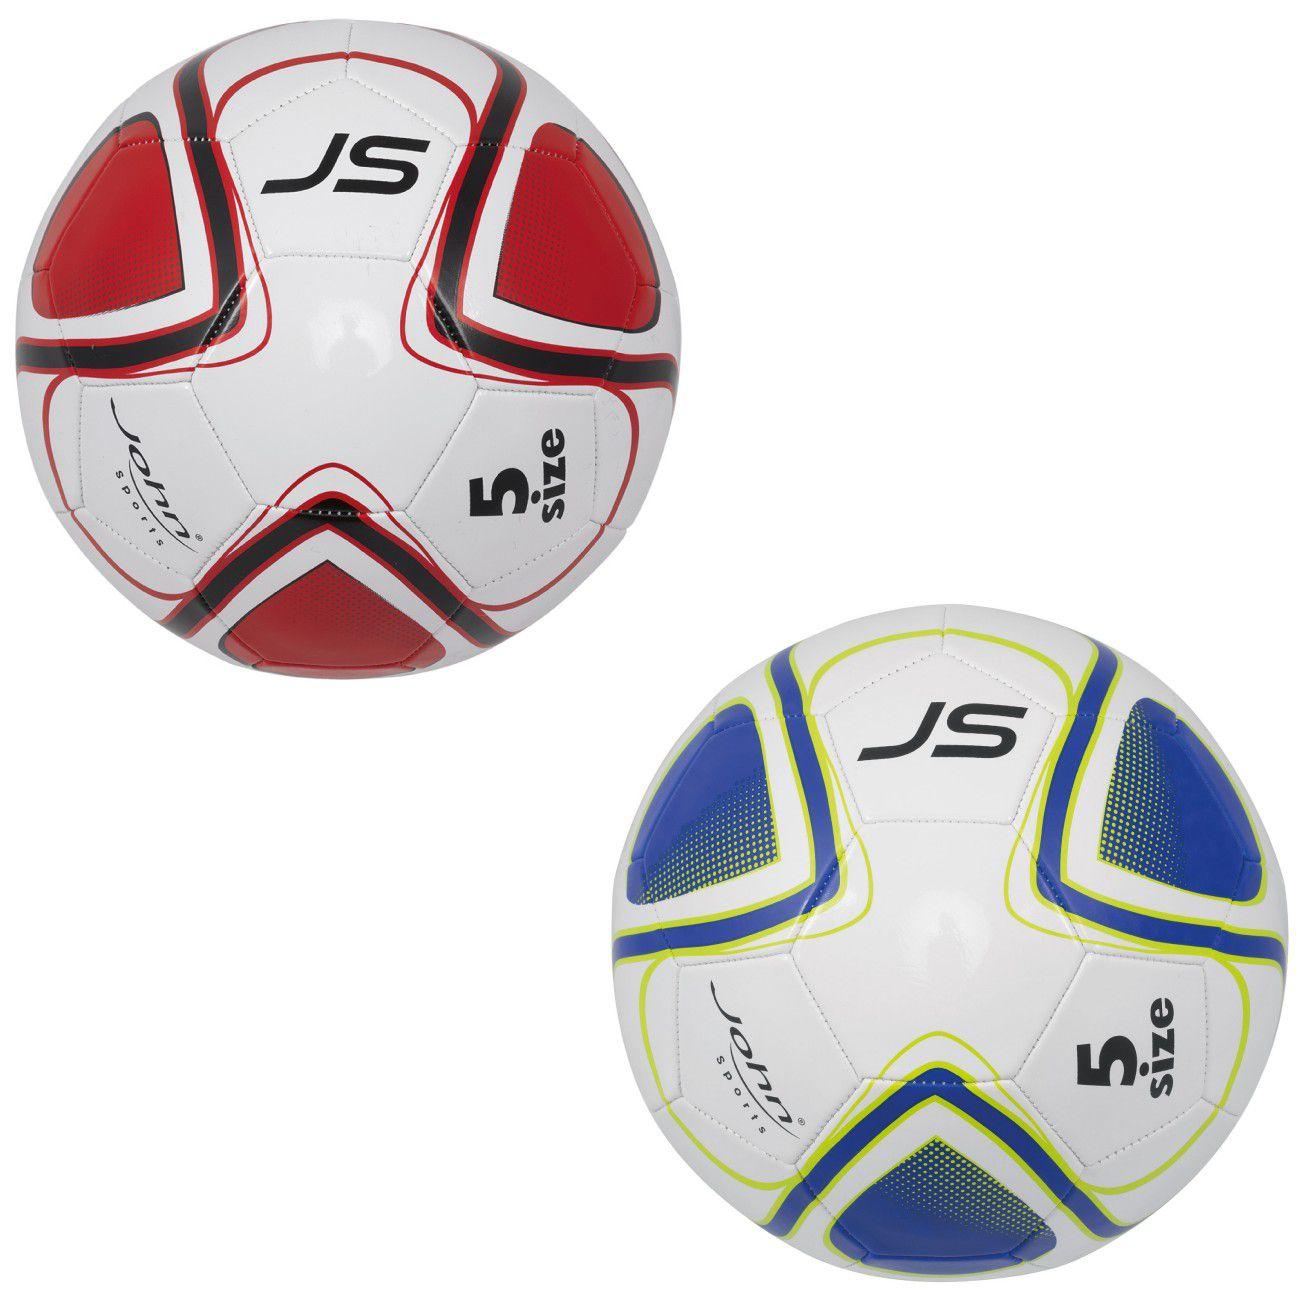 Žoga nogometna, vel. 5, 2s